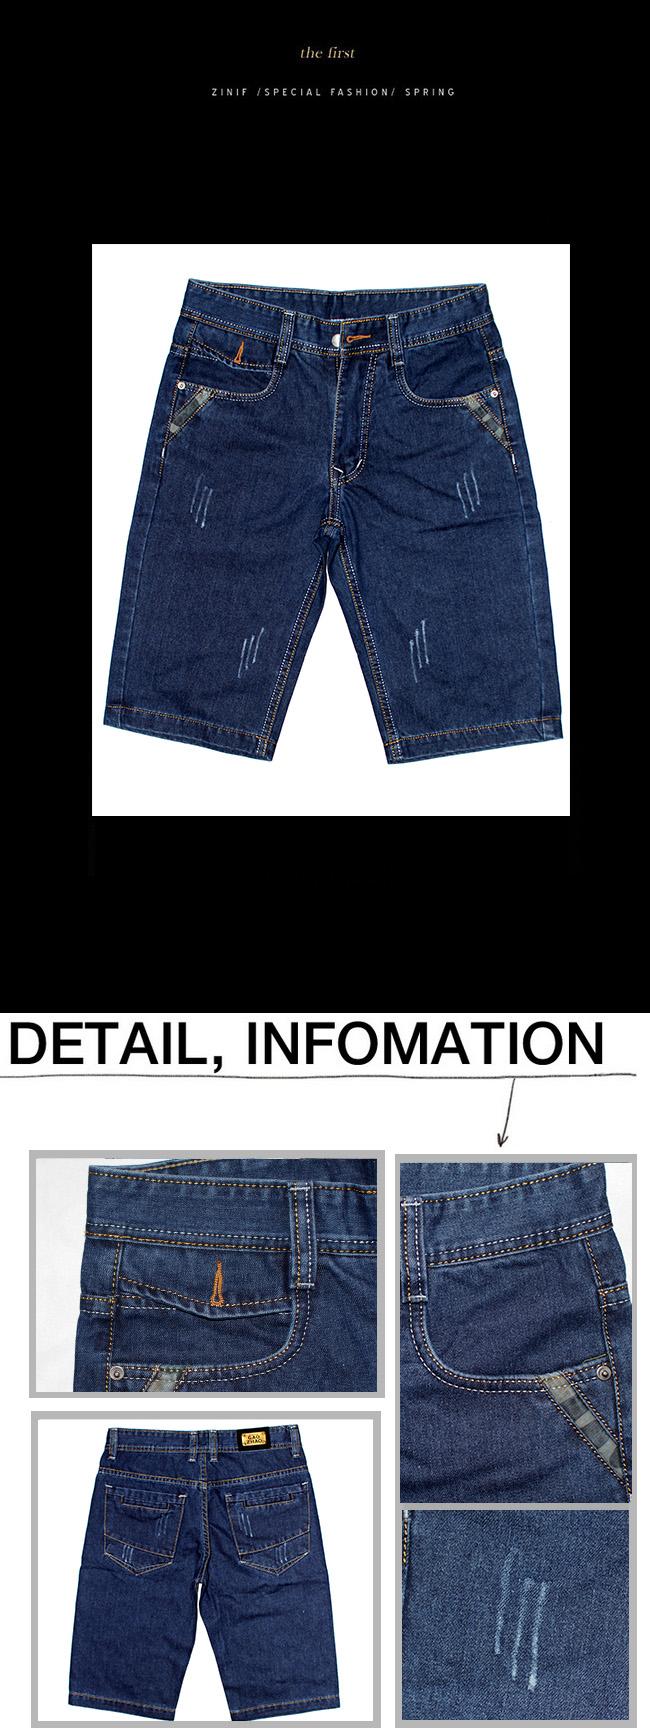 Quần short jeans xanh đen qs06 - 1